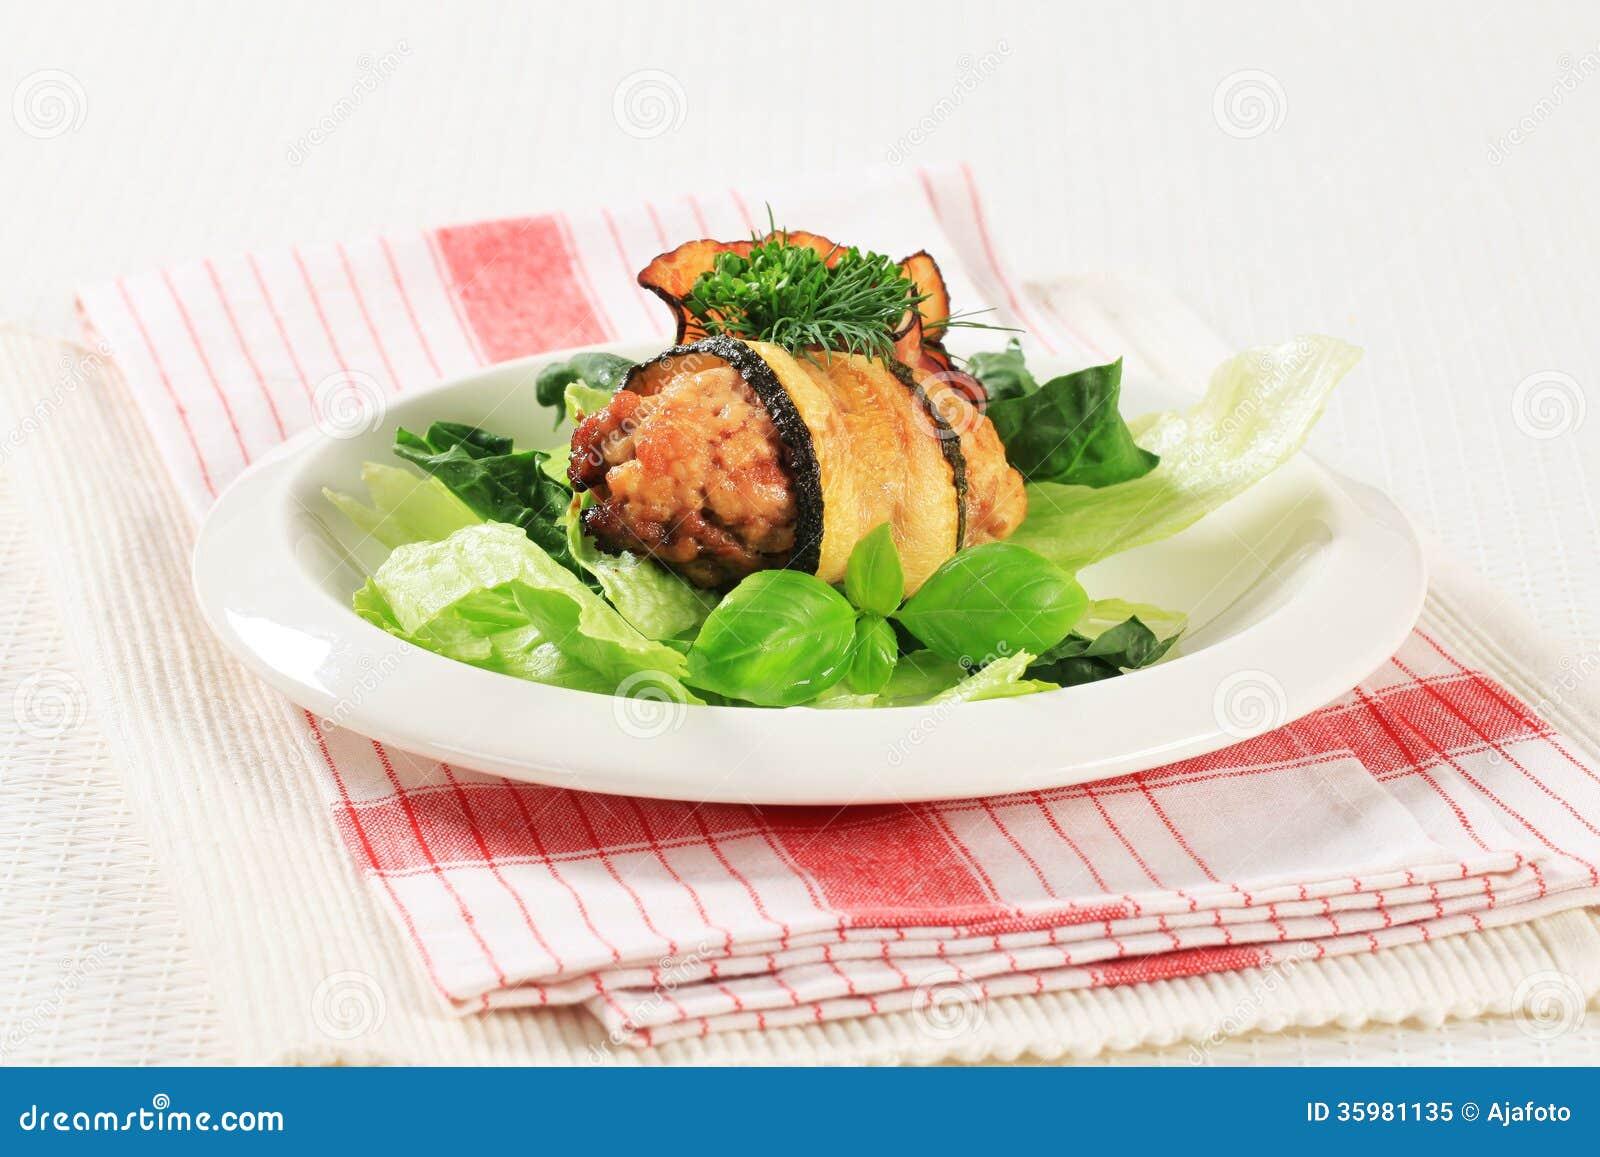 Courgette verpakt vleesballetje